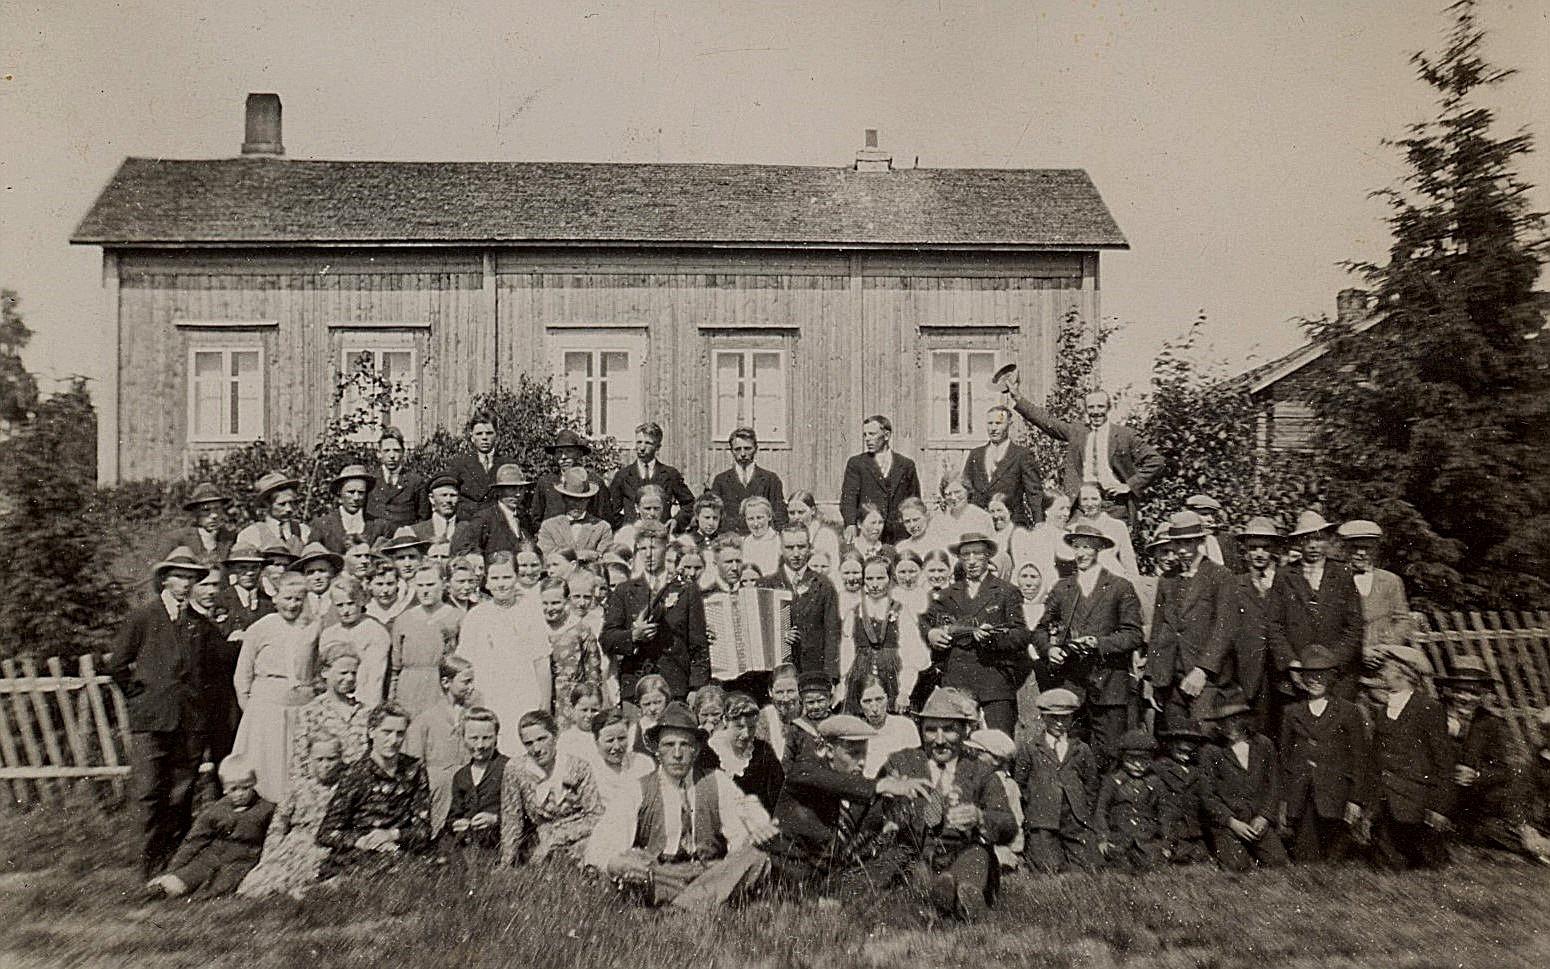 Det är svårt att urskilja brudparet Hulda Nyholm och Emil Hammarberg bland alla glada bröllopsgäster åt 1931. Nyholms gård i bakgrunden.